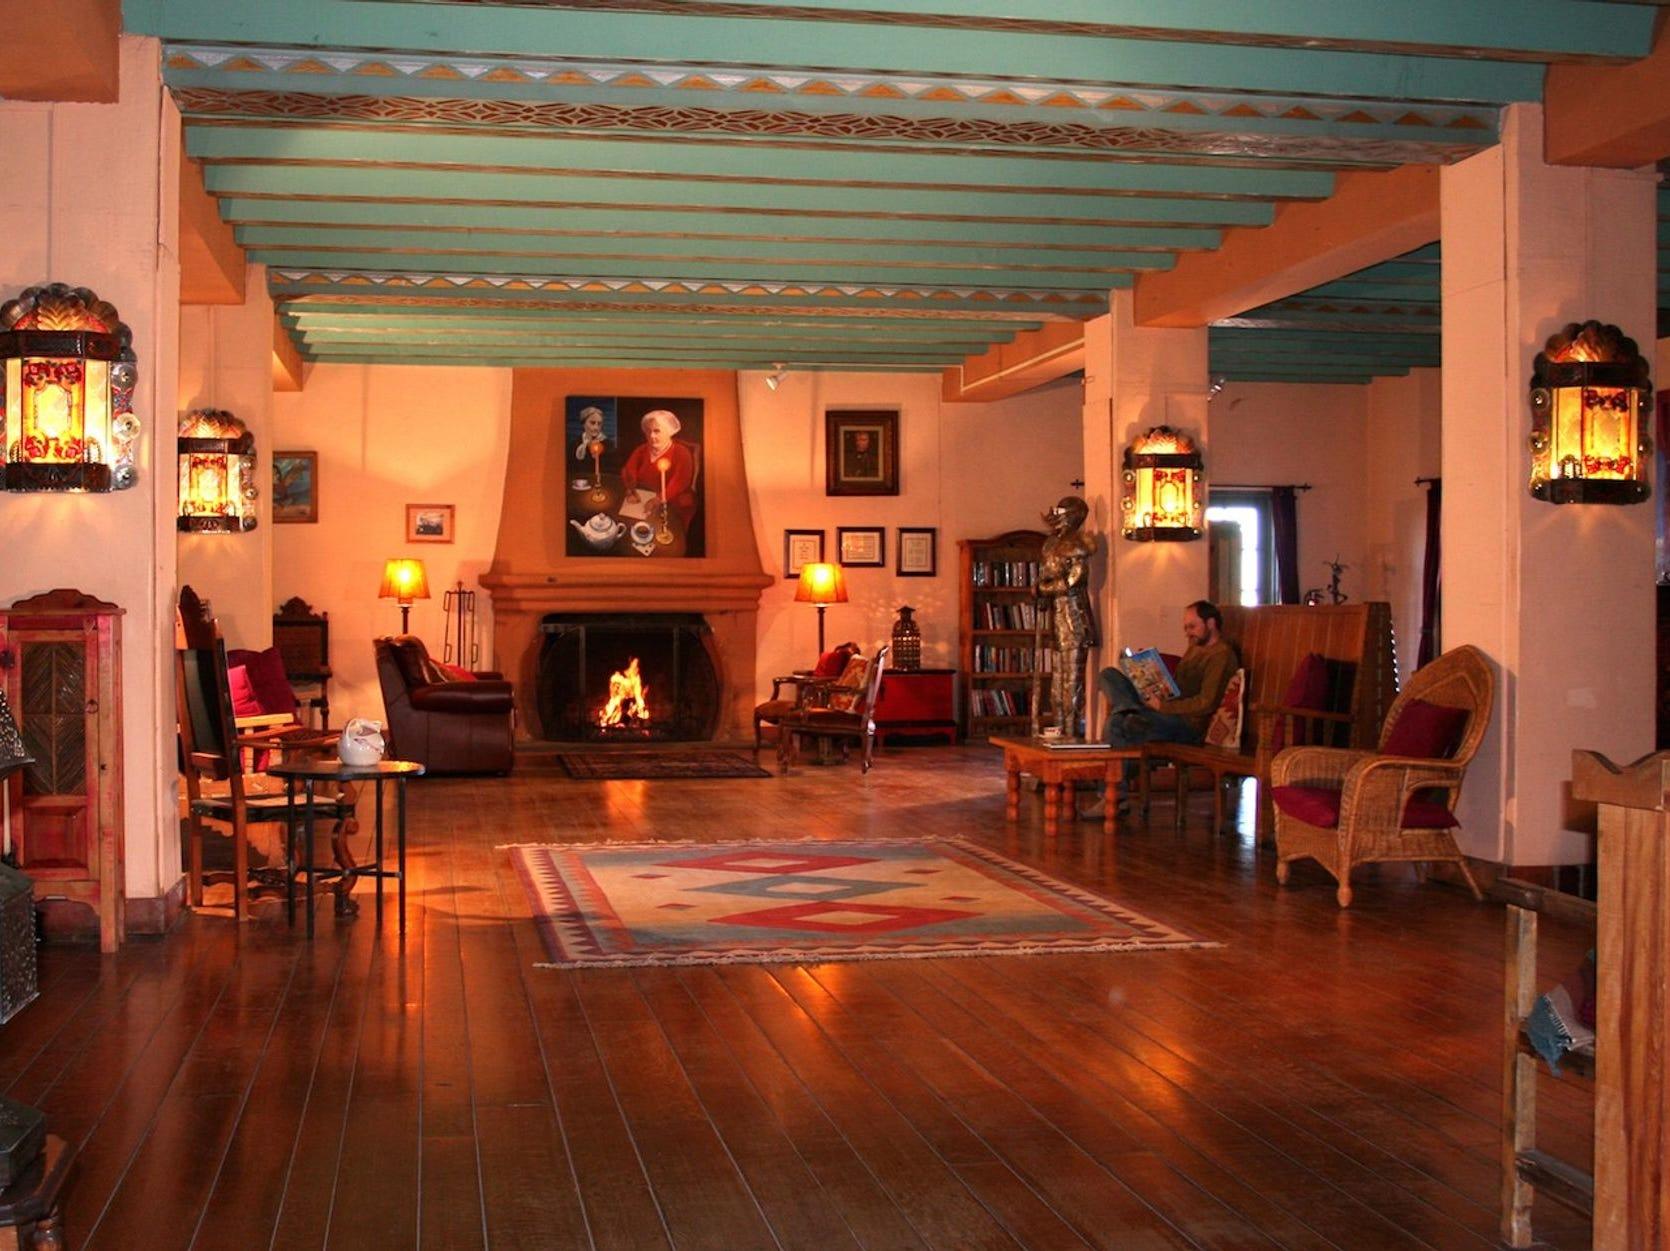 Se recuerda a los visitantes que pasan una noche en el hotel La Posada, bellamente restaurado, en Winslow, lo agradable que puede ser viajar.